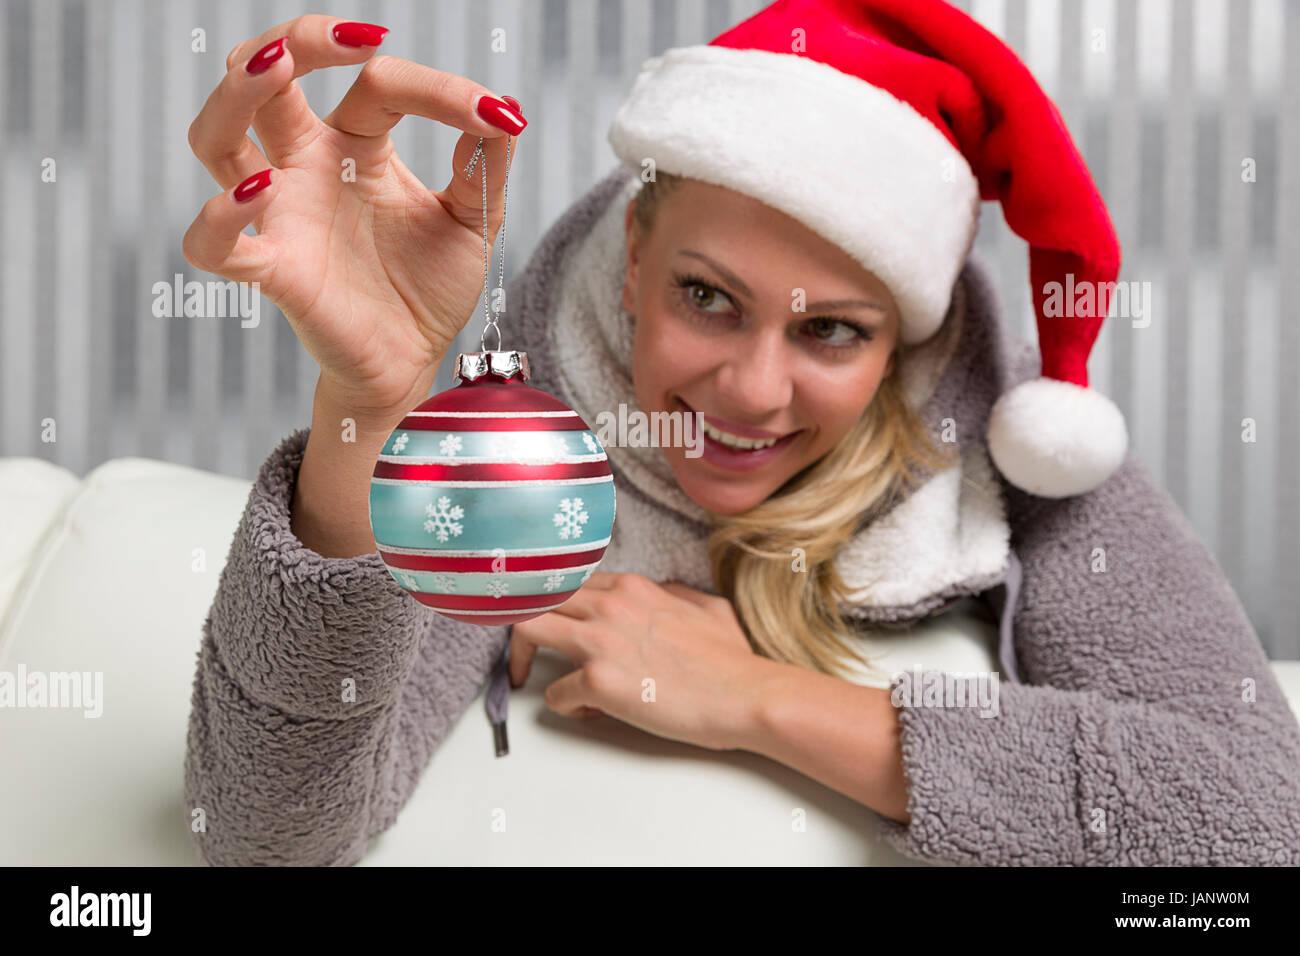 Frau mit Weihnachtsmütze hält eine Christbaumkugel und denkt schon freudig an Weihnachten - Stock Image